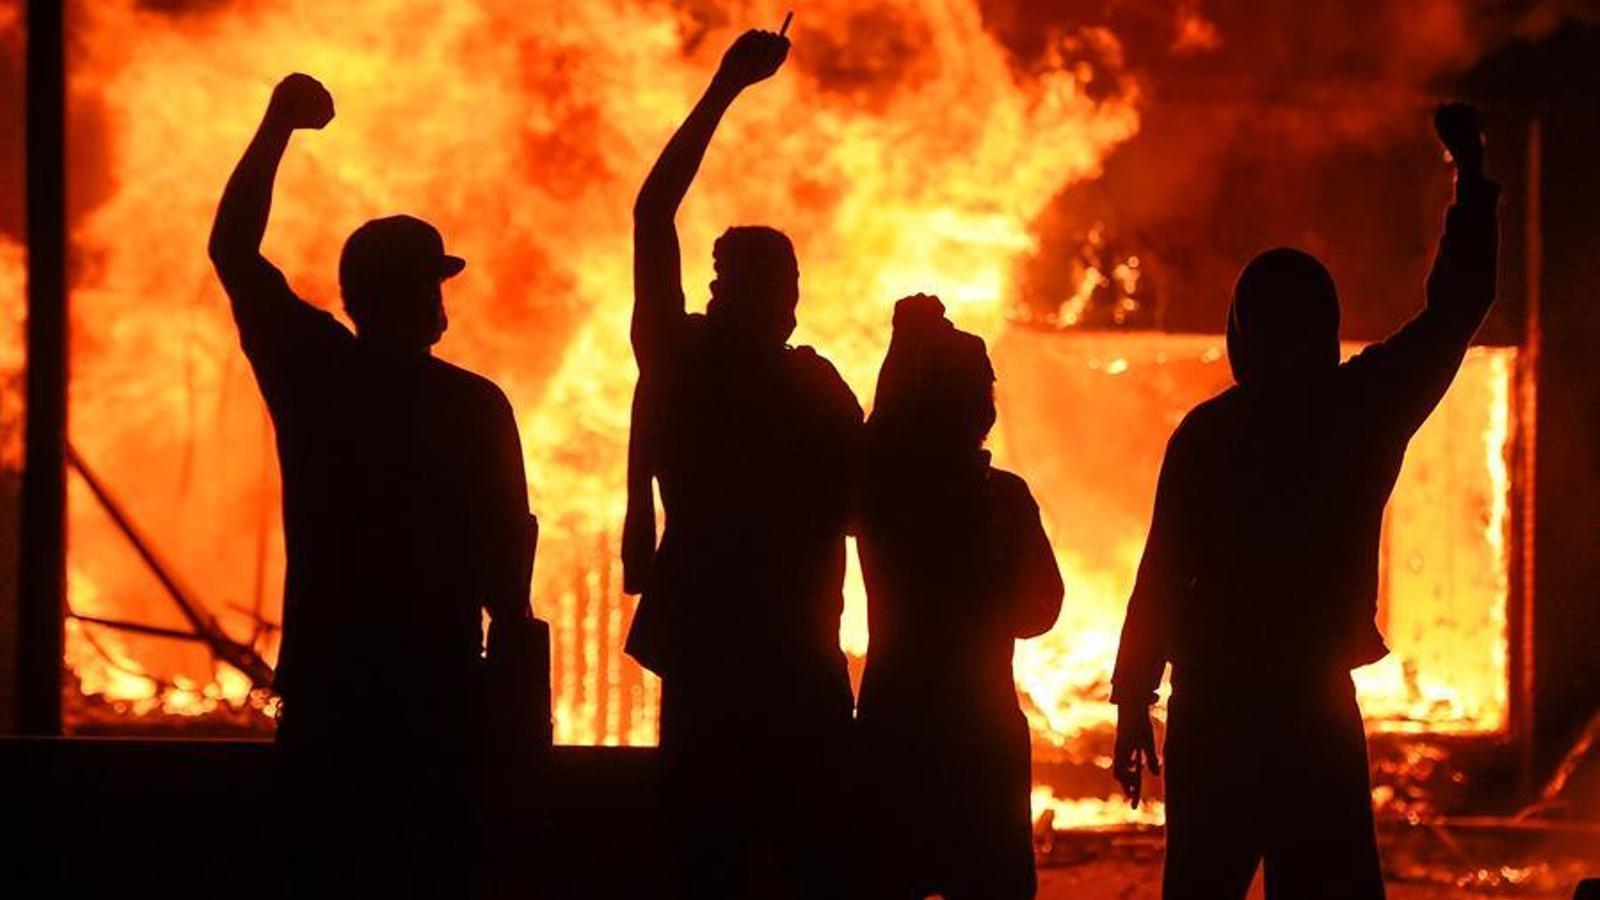 Un jove de 19 anys per la vida a Detroit durant les manifestacions per l'assassinat de George Floyd